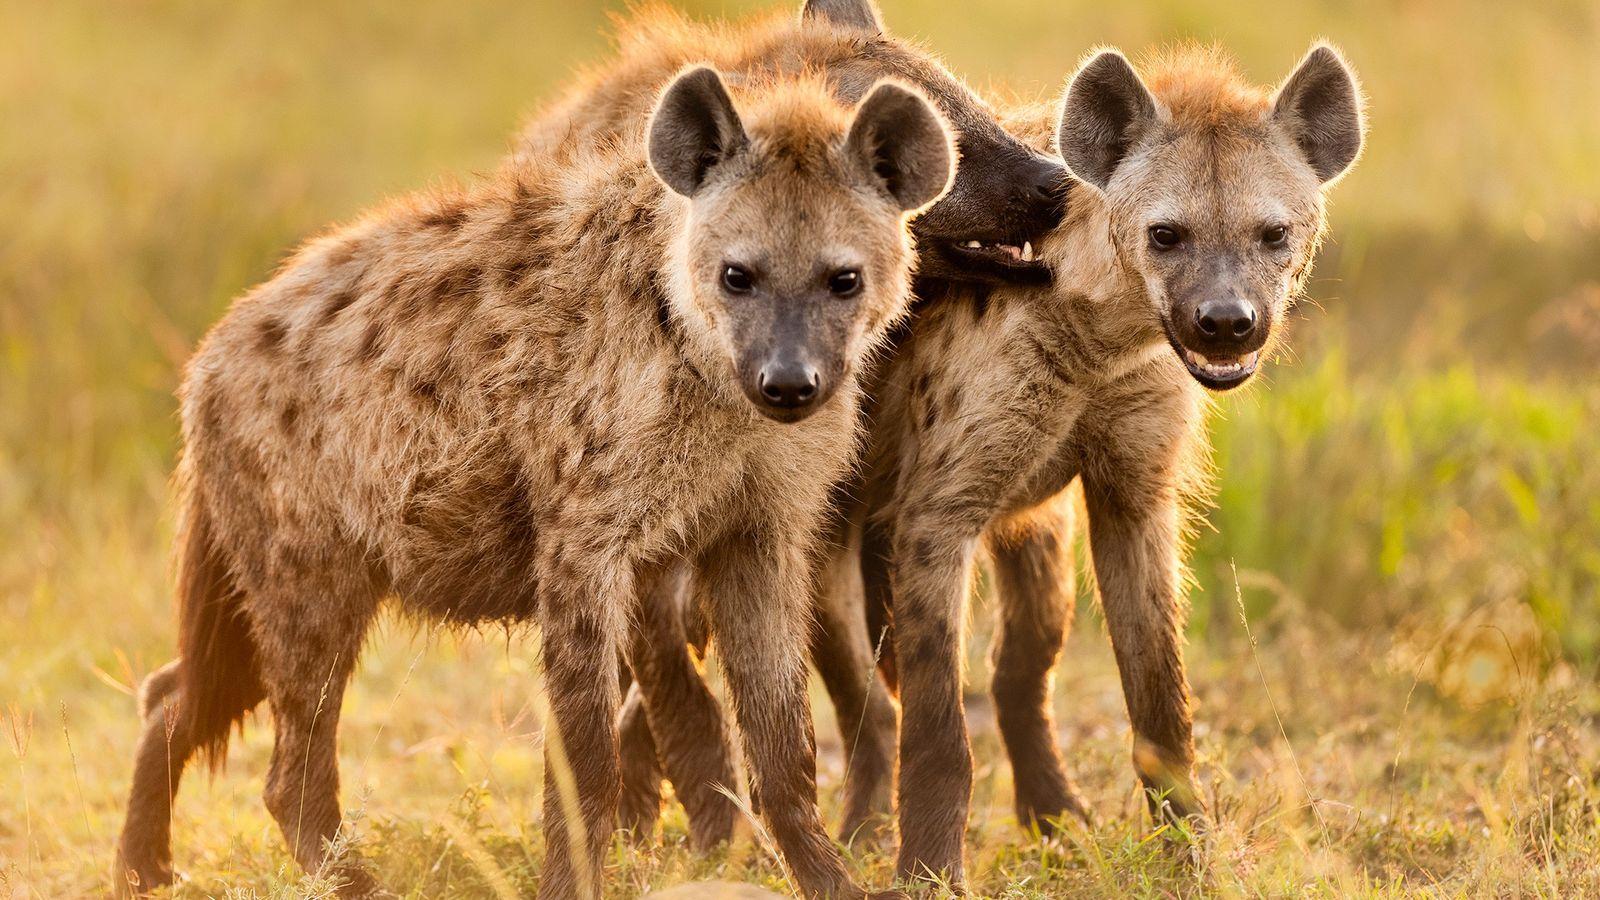 Tüpfelhyänen blicken vor ihrem Bau in der kenianischen Masai Mara in die Kamera des Fotografen. Hyäneneltern ...